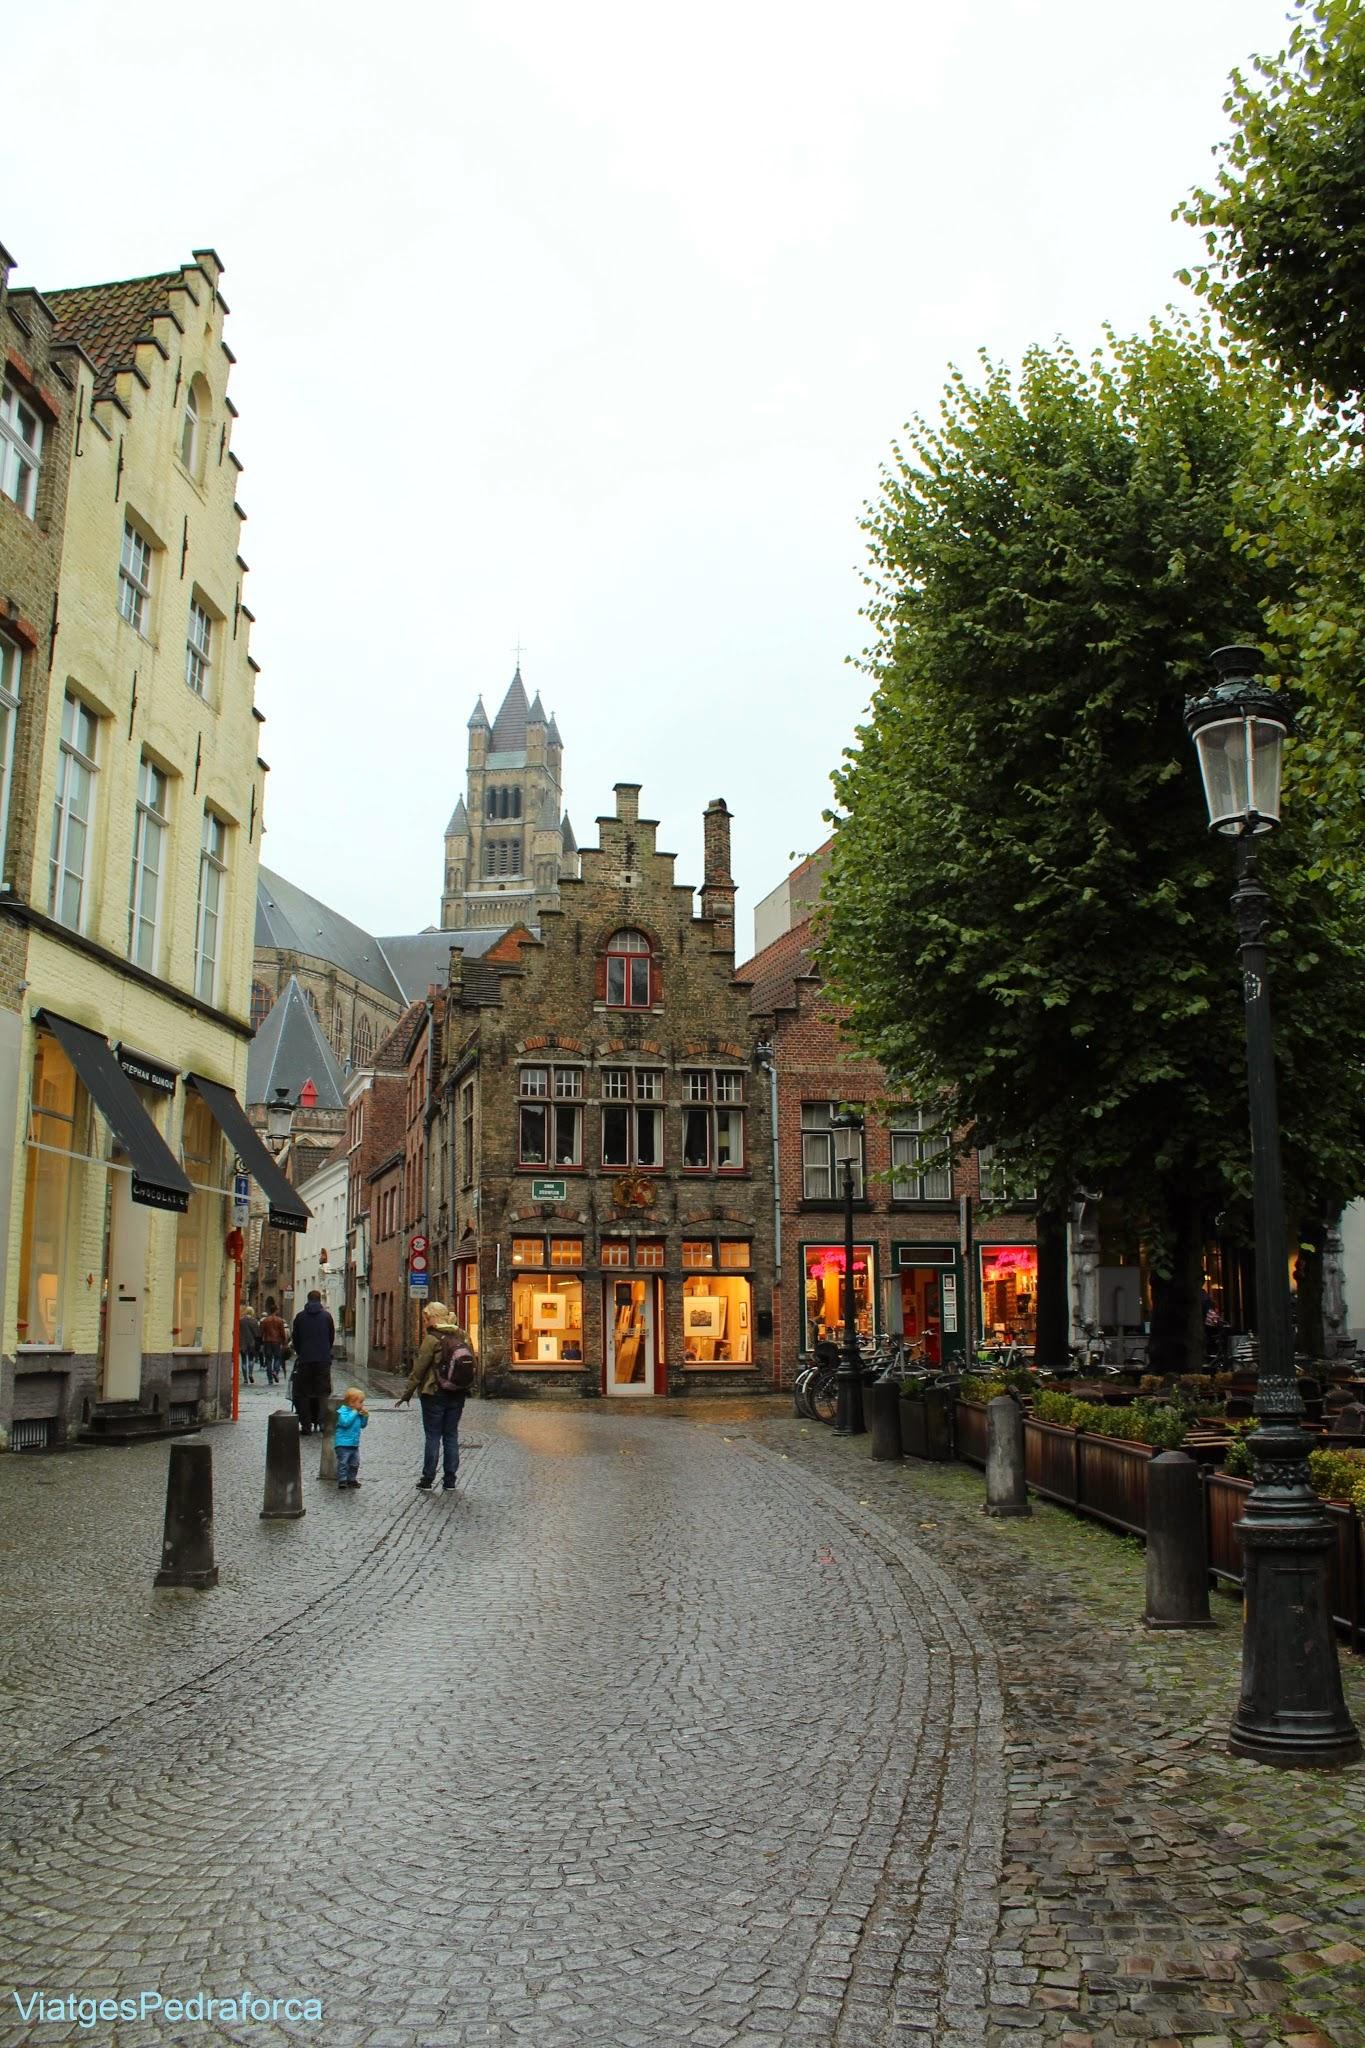 Centre Històric de Bruges, Brugge, Flandes, Belgica